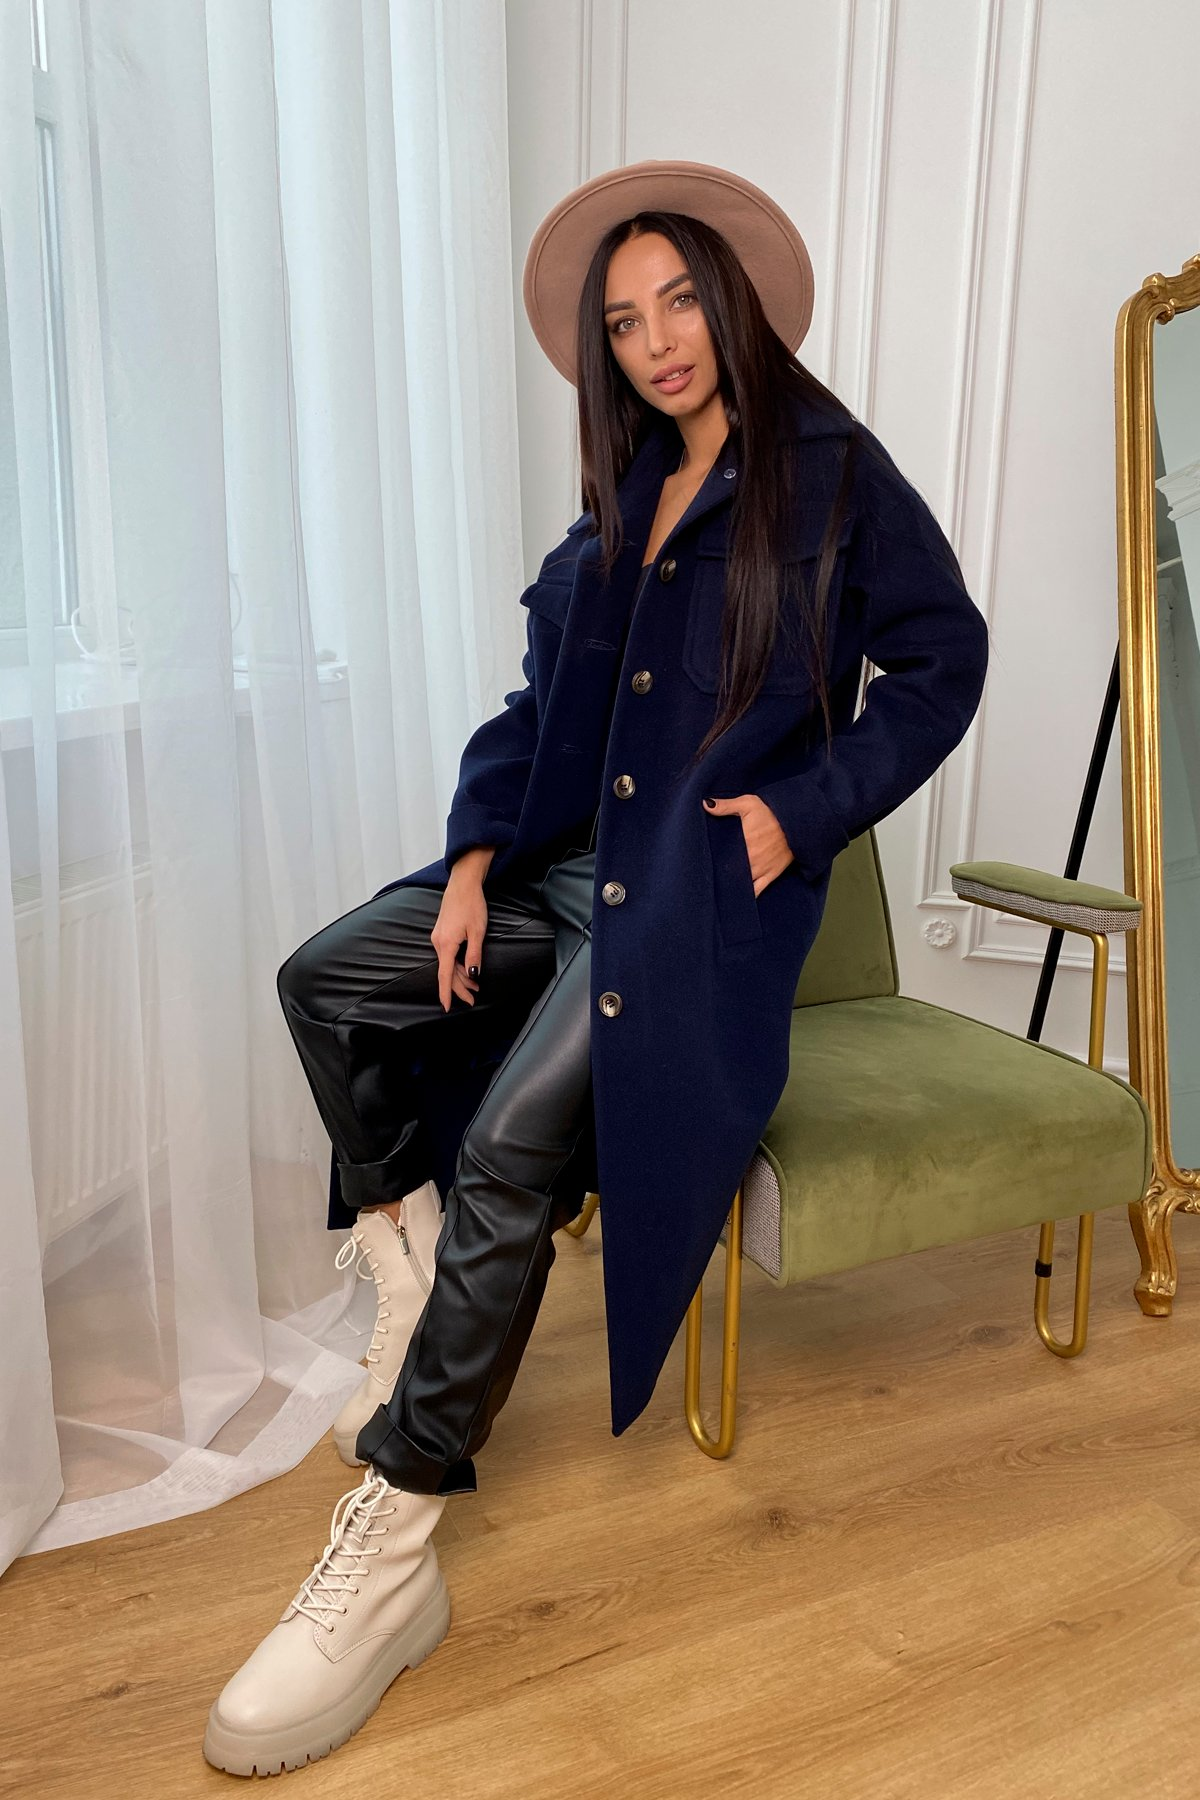 Ола кашемир китай пальтовая ткань зима пальто 9987 АРТ. 46285 Цвет: т. синий - фото 1, интернет магазин tm-modus.ru